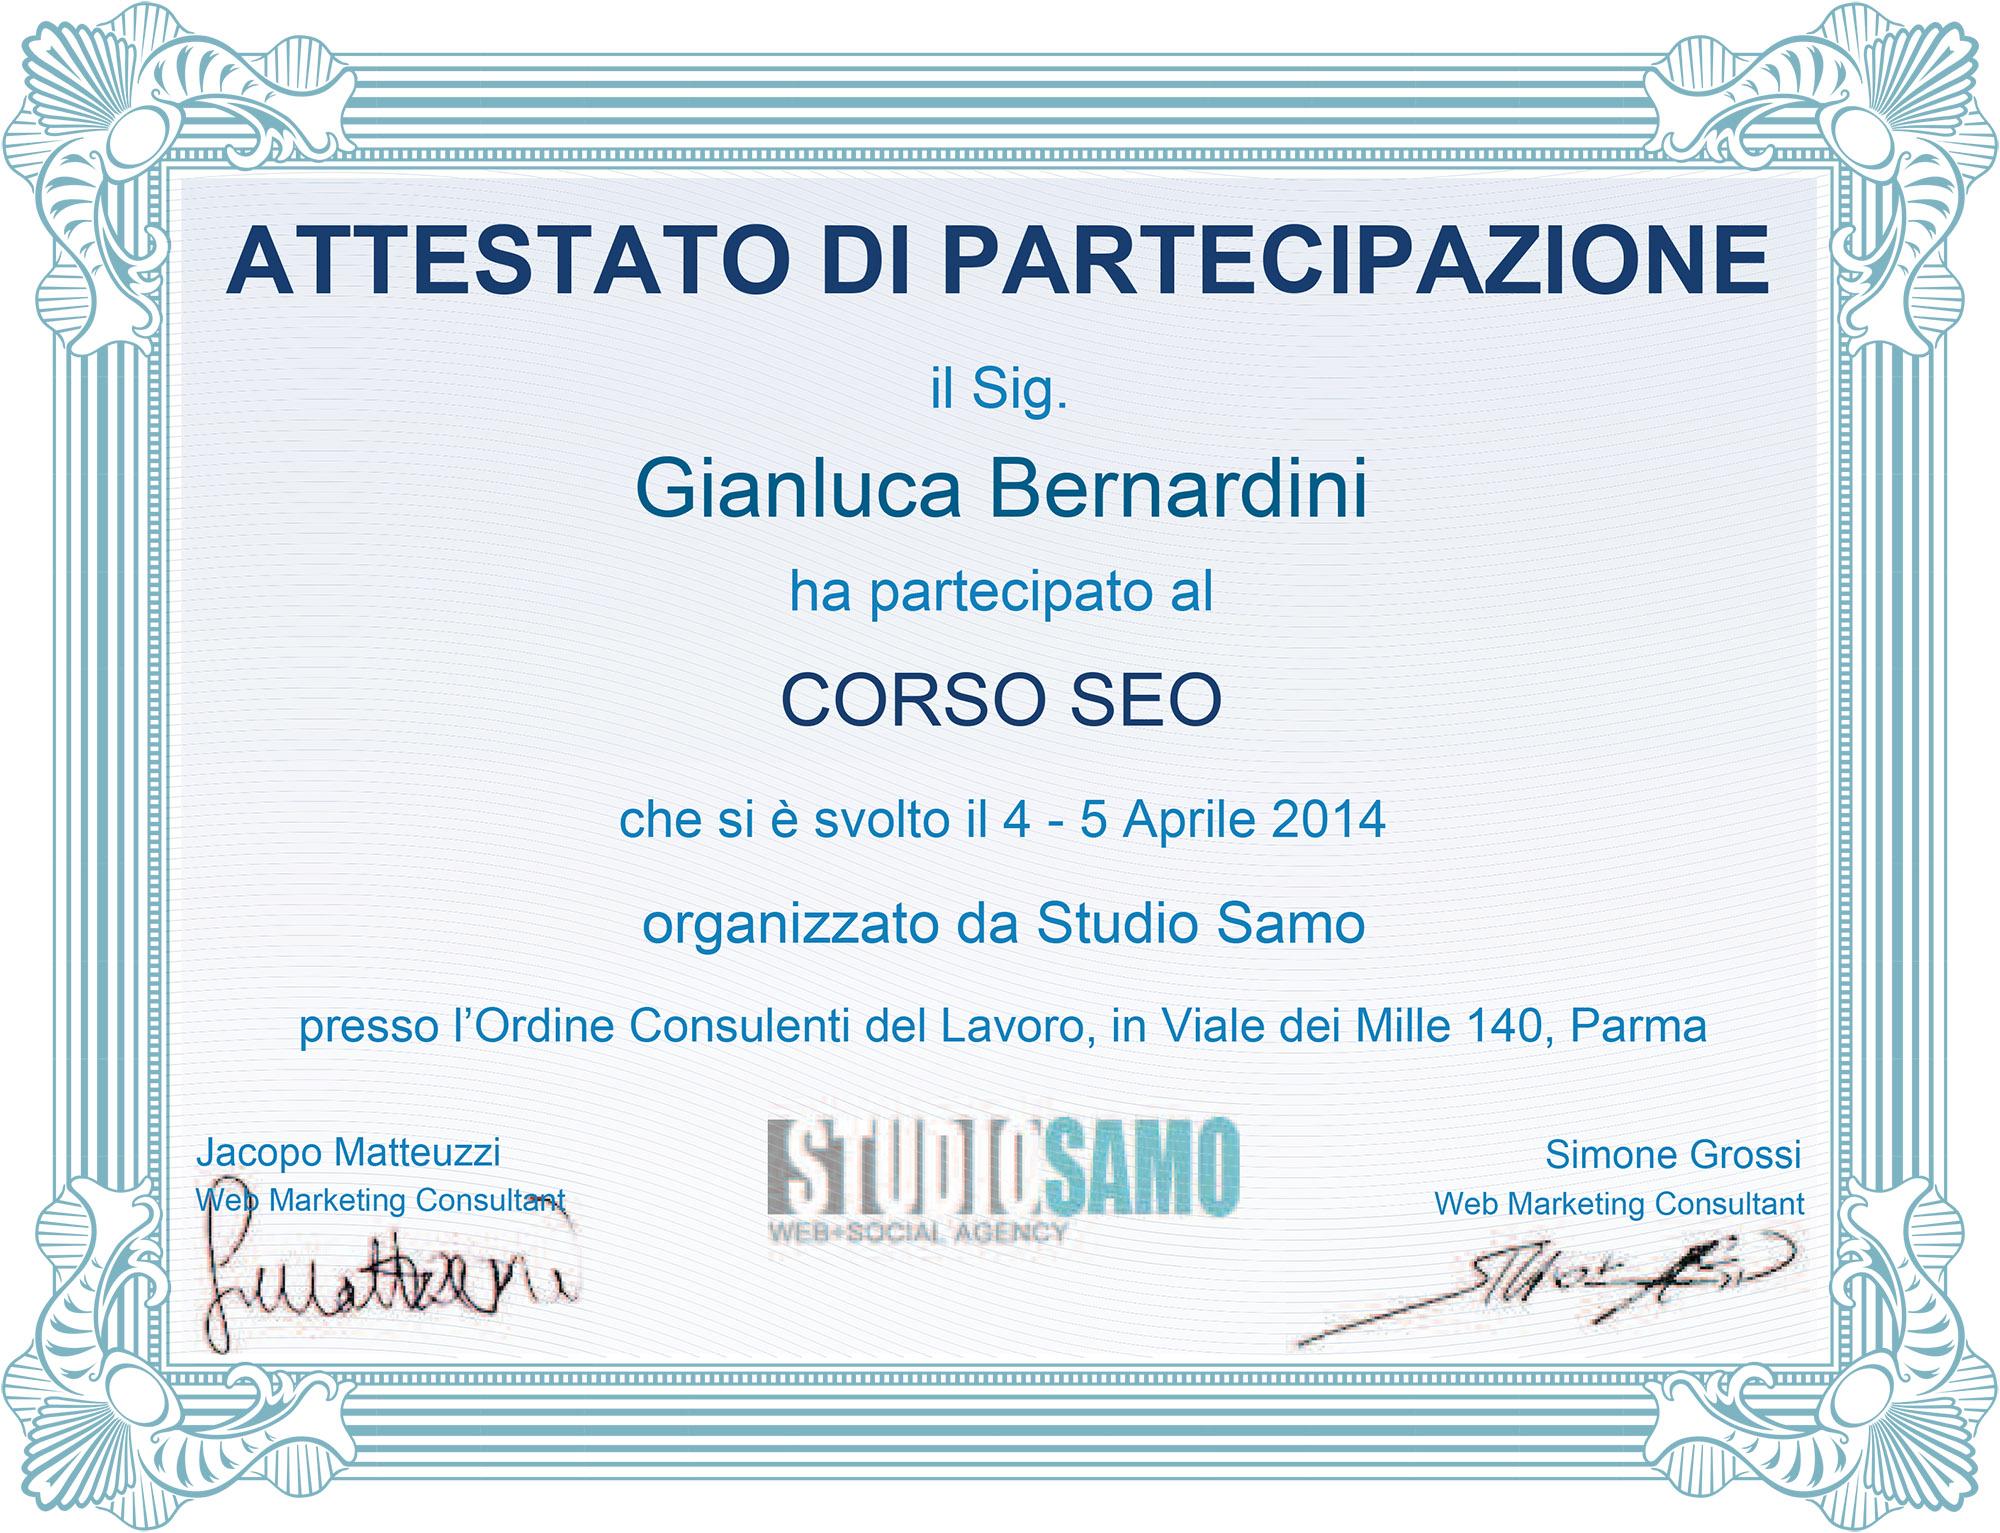 Attestato Studio Samo 2014